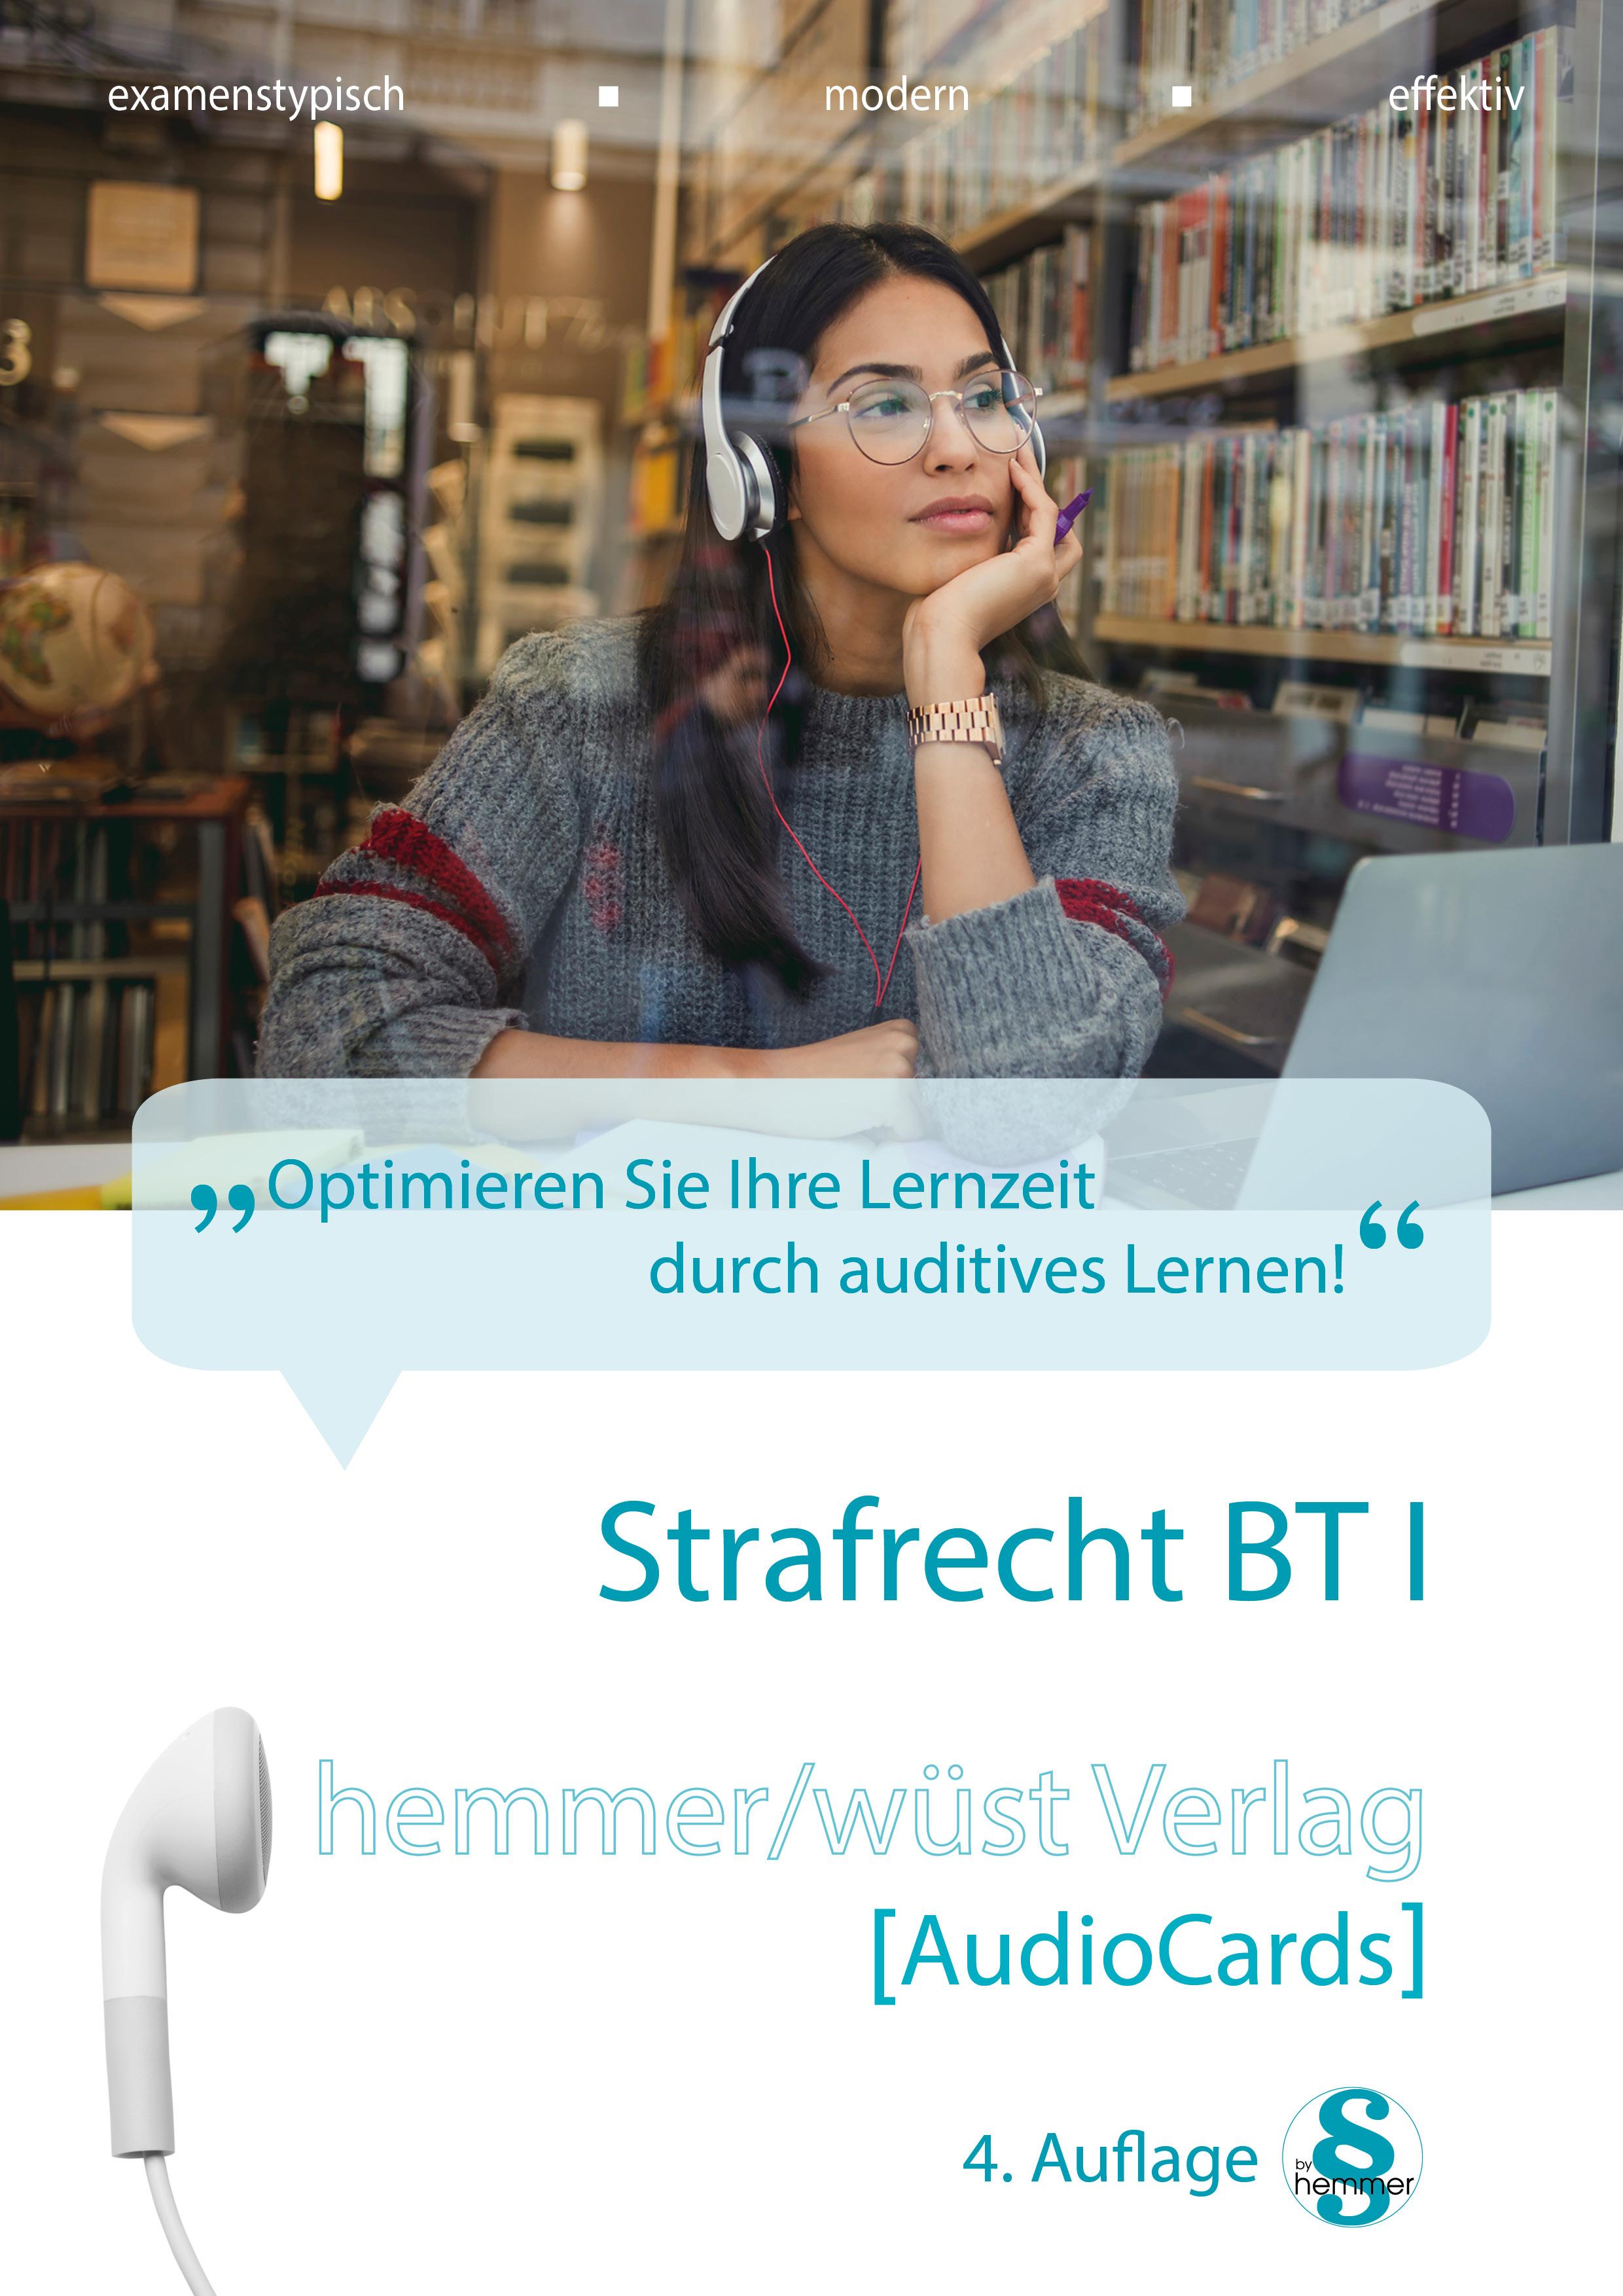 Audiocards - Strafrecht BT I - Download